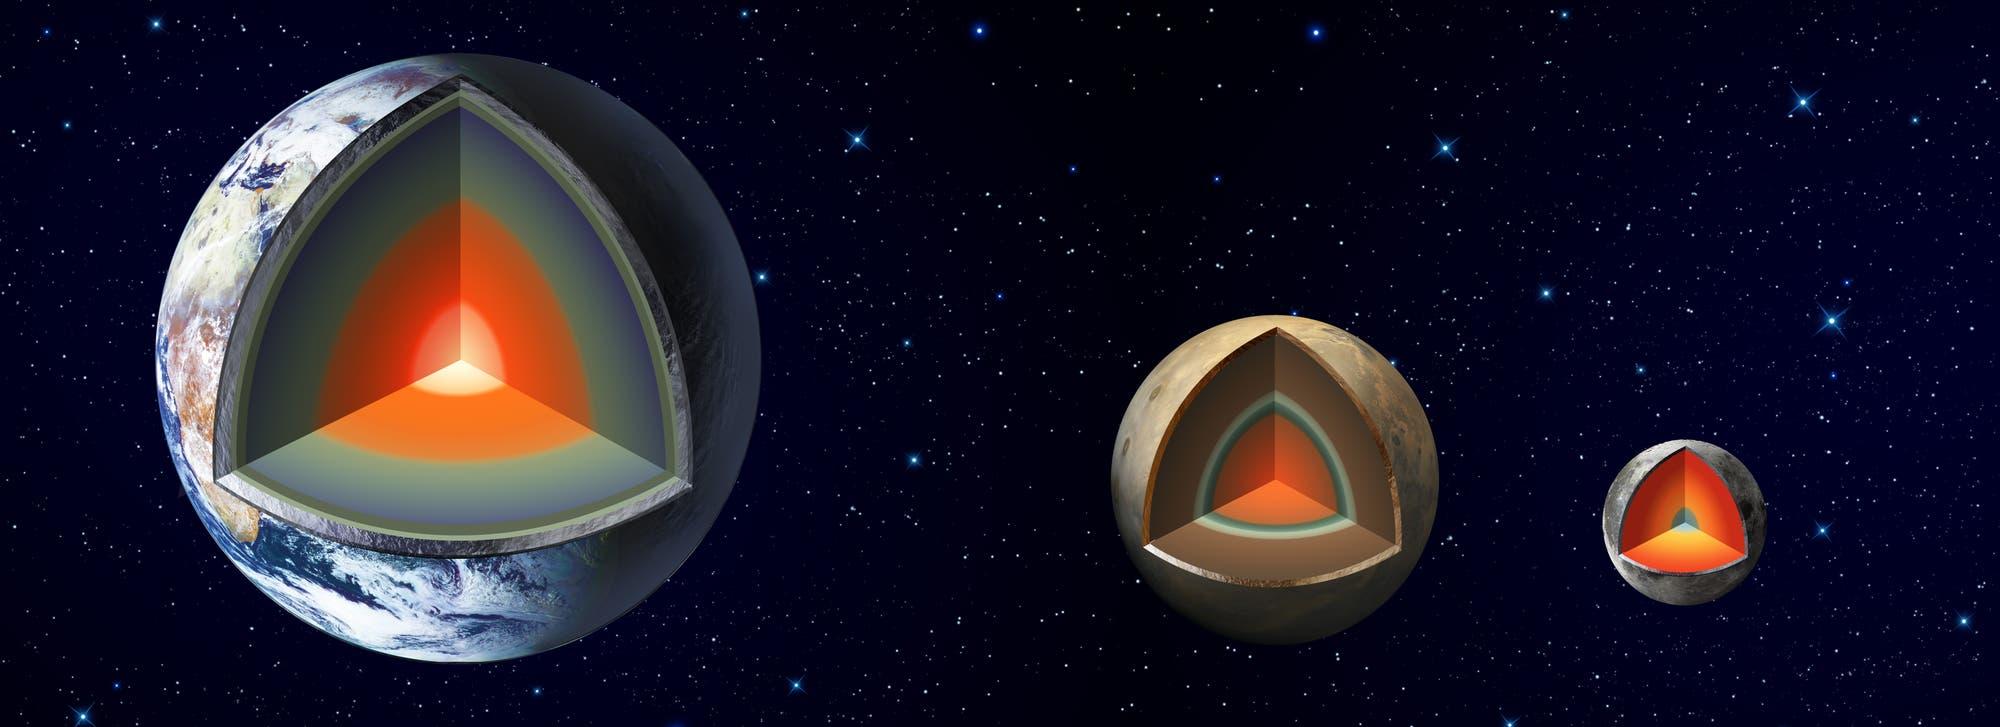 Der innere Aufbau von Erde, Mars und Mond im Vergleich